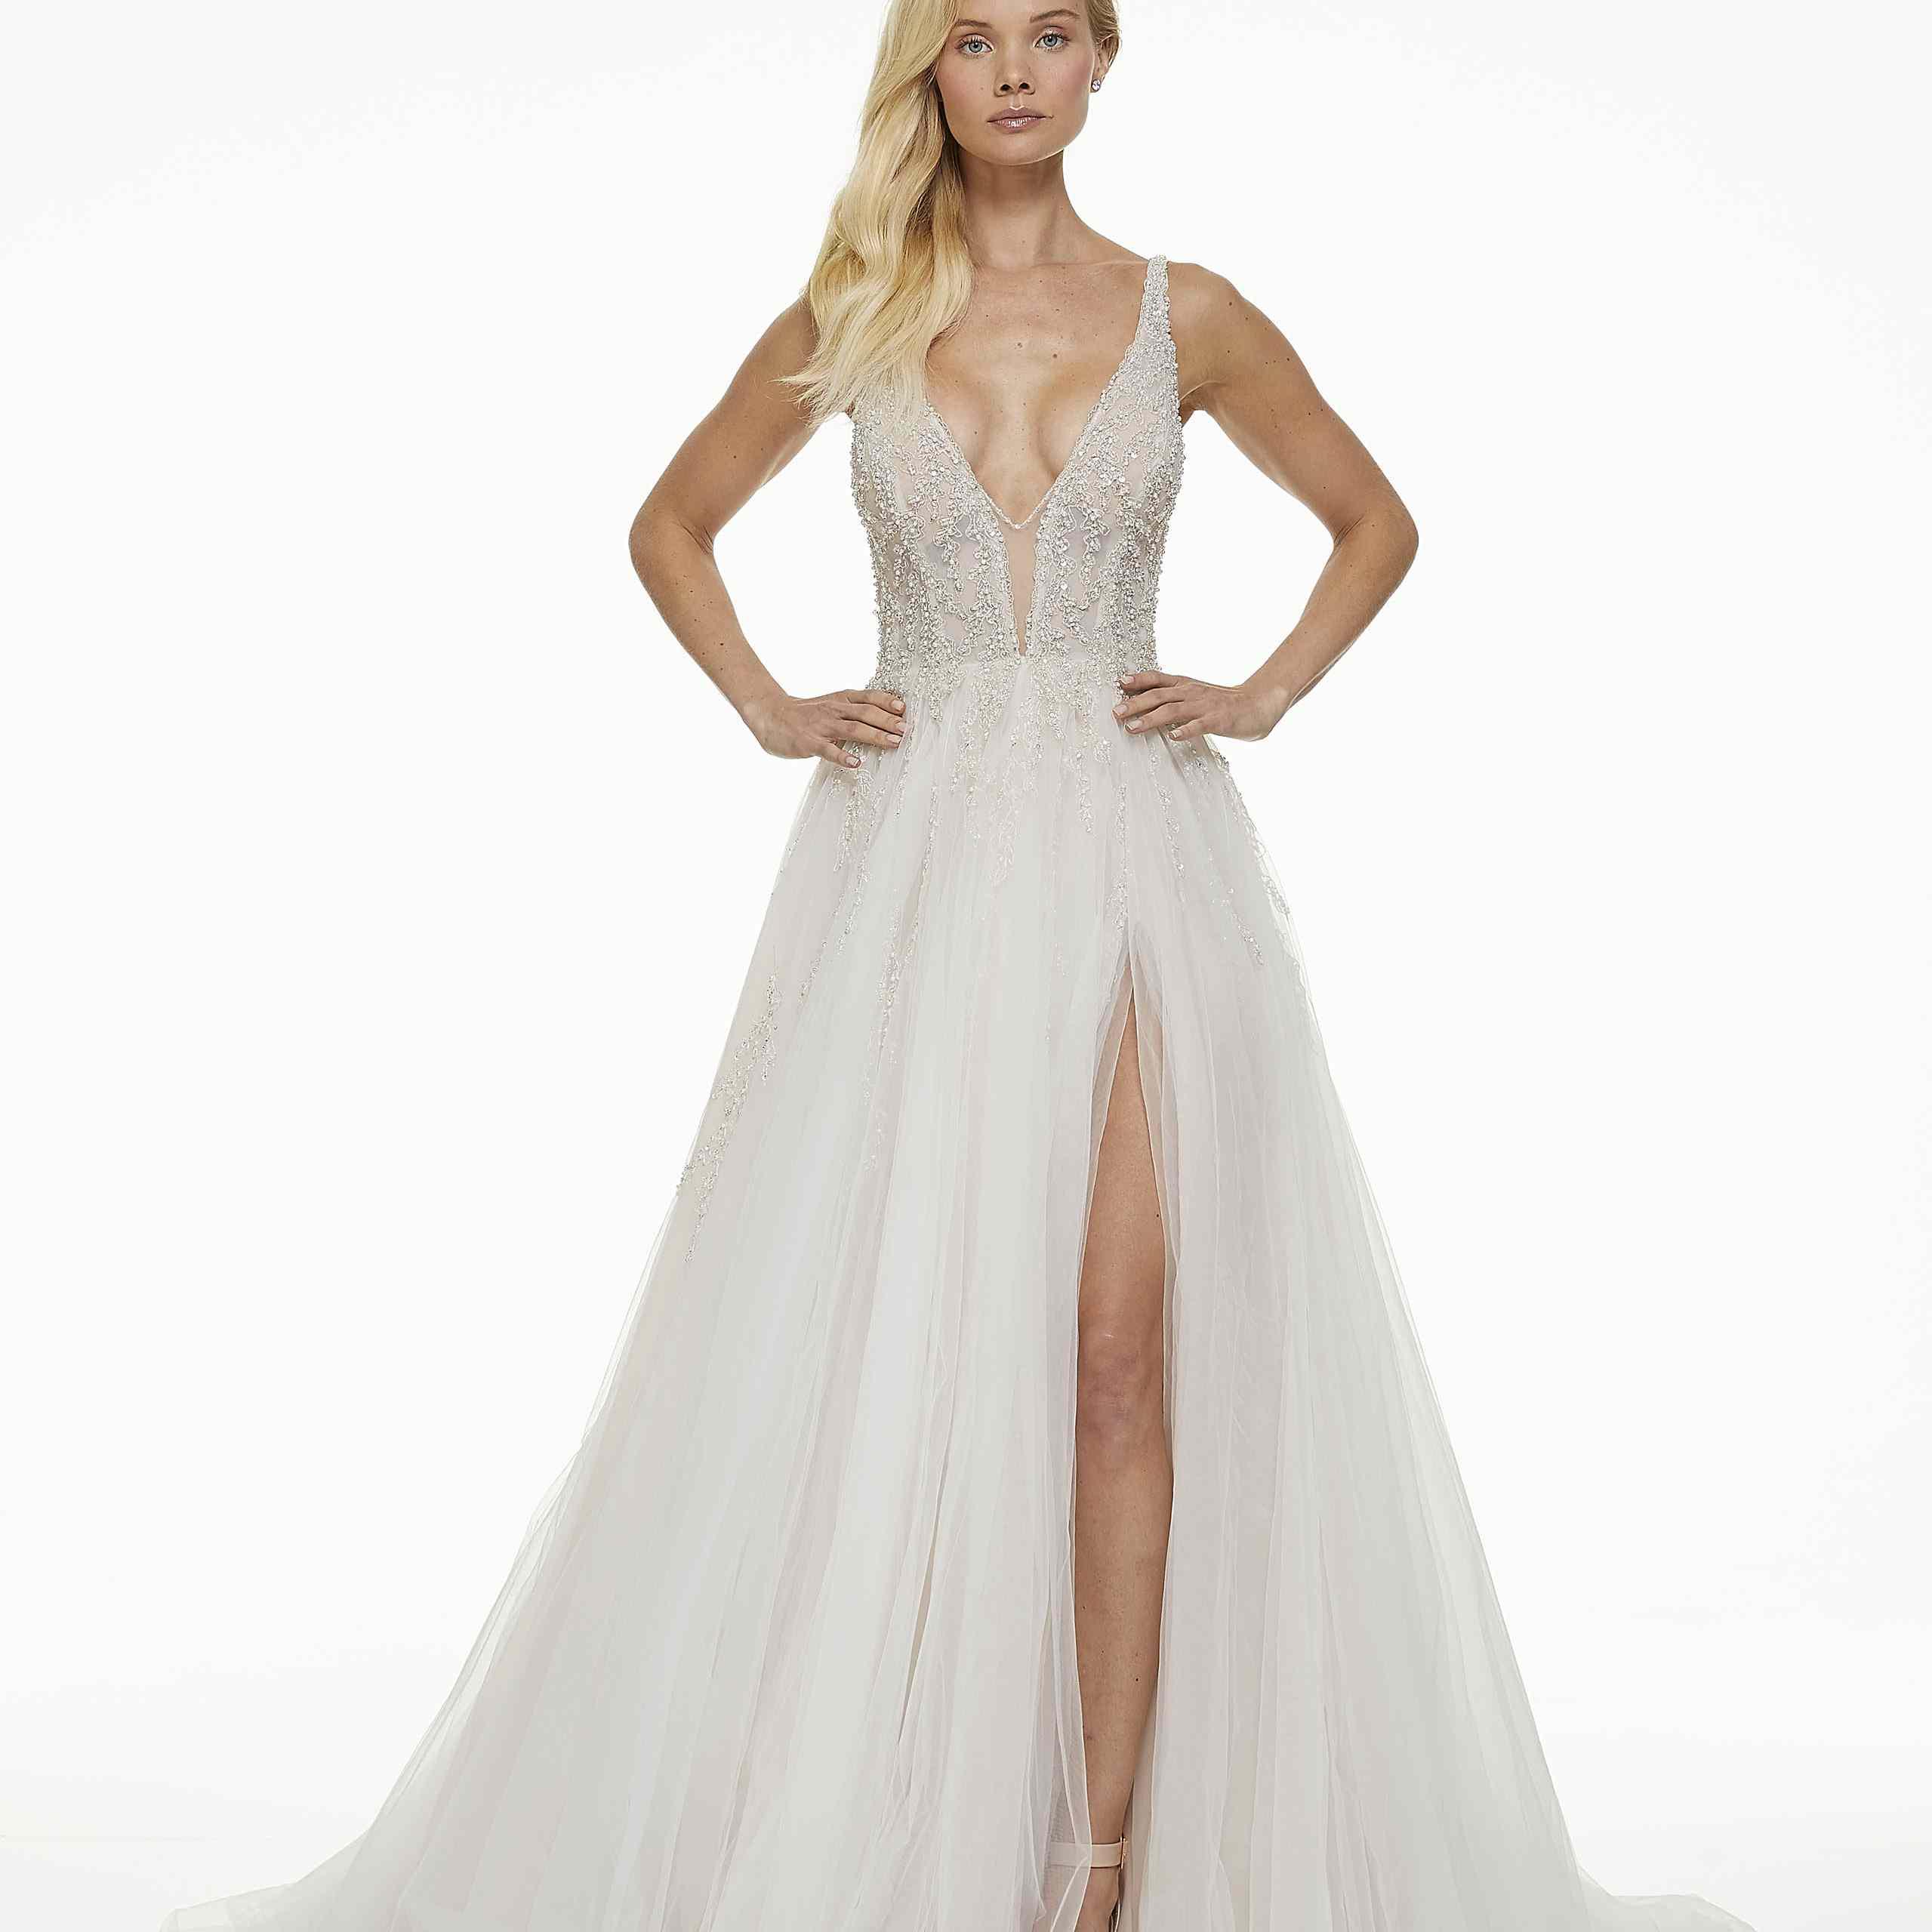 Model in deep V-cut A-line wedding dress